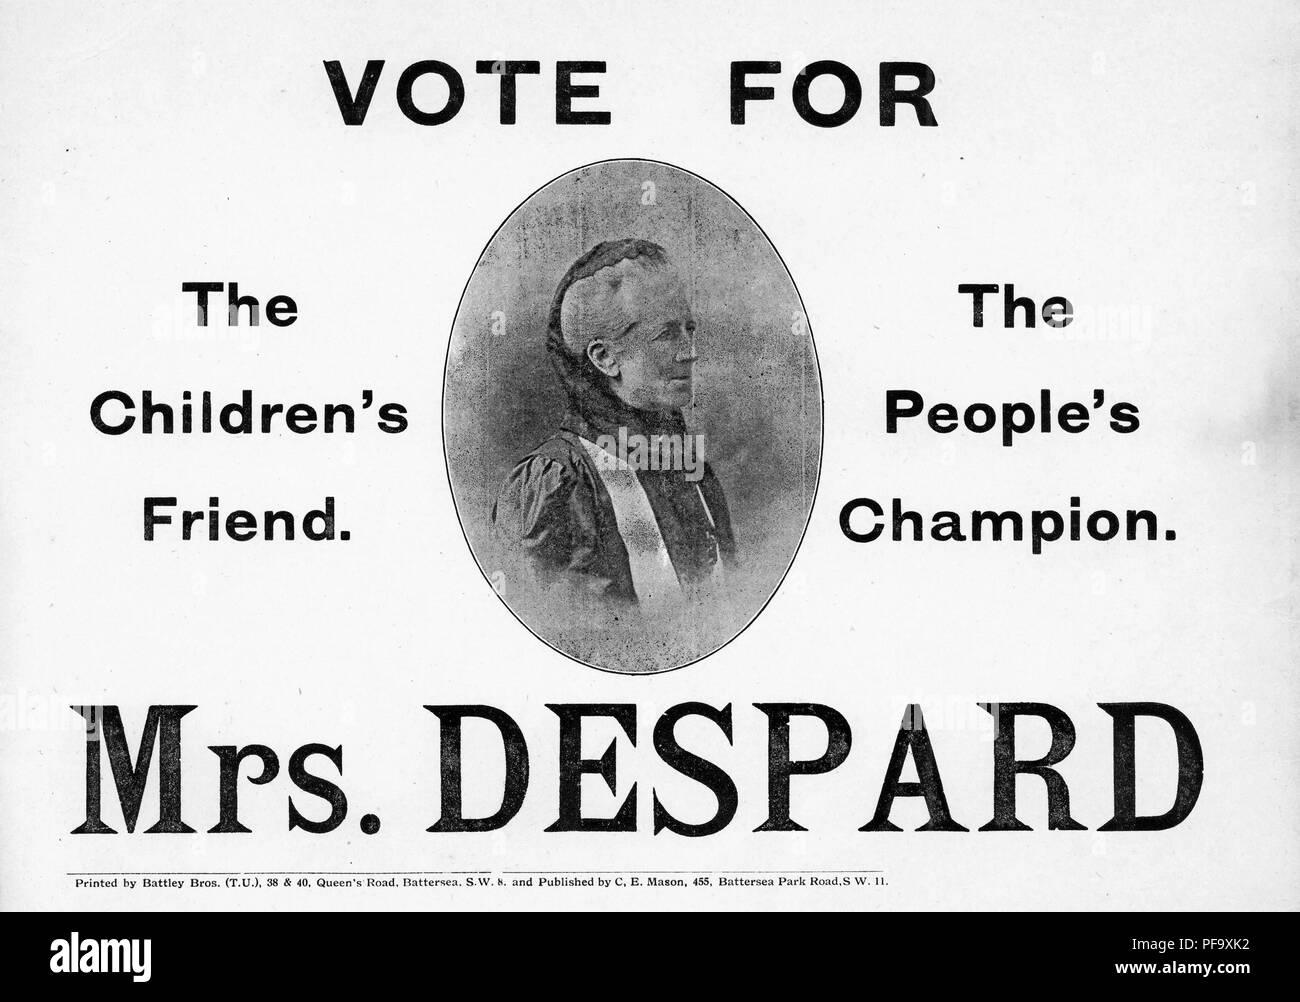 """Póster en blanco y negro, con un busto de perfil de Charlotte Despard, Presidente de la Liga de la libertad de las mujeres en Inglés, y abogan por la independencia de Irlanda, quien permaneció sin éxito como candidato pacifista para trabajo en Battersea en elecciones parlamentarias, subtitulado """"Vote por la Sra. Despard, amigo de los niños, el campeón del pueblo, ' publicado por CE Mason para el mercado británico, 1918. () Imagen De Stock"""